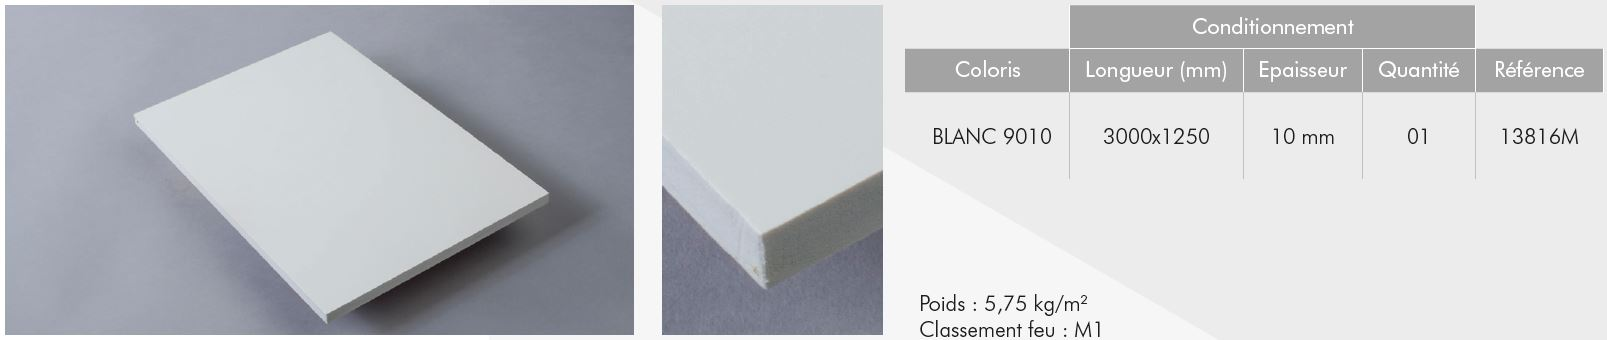 maine peillex plaques pvc. Black Bedroom Furniture Sets. Home Design Ideas